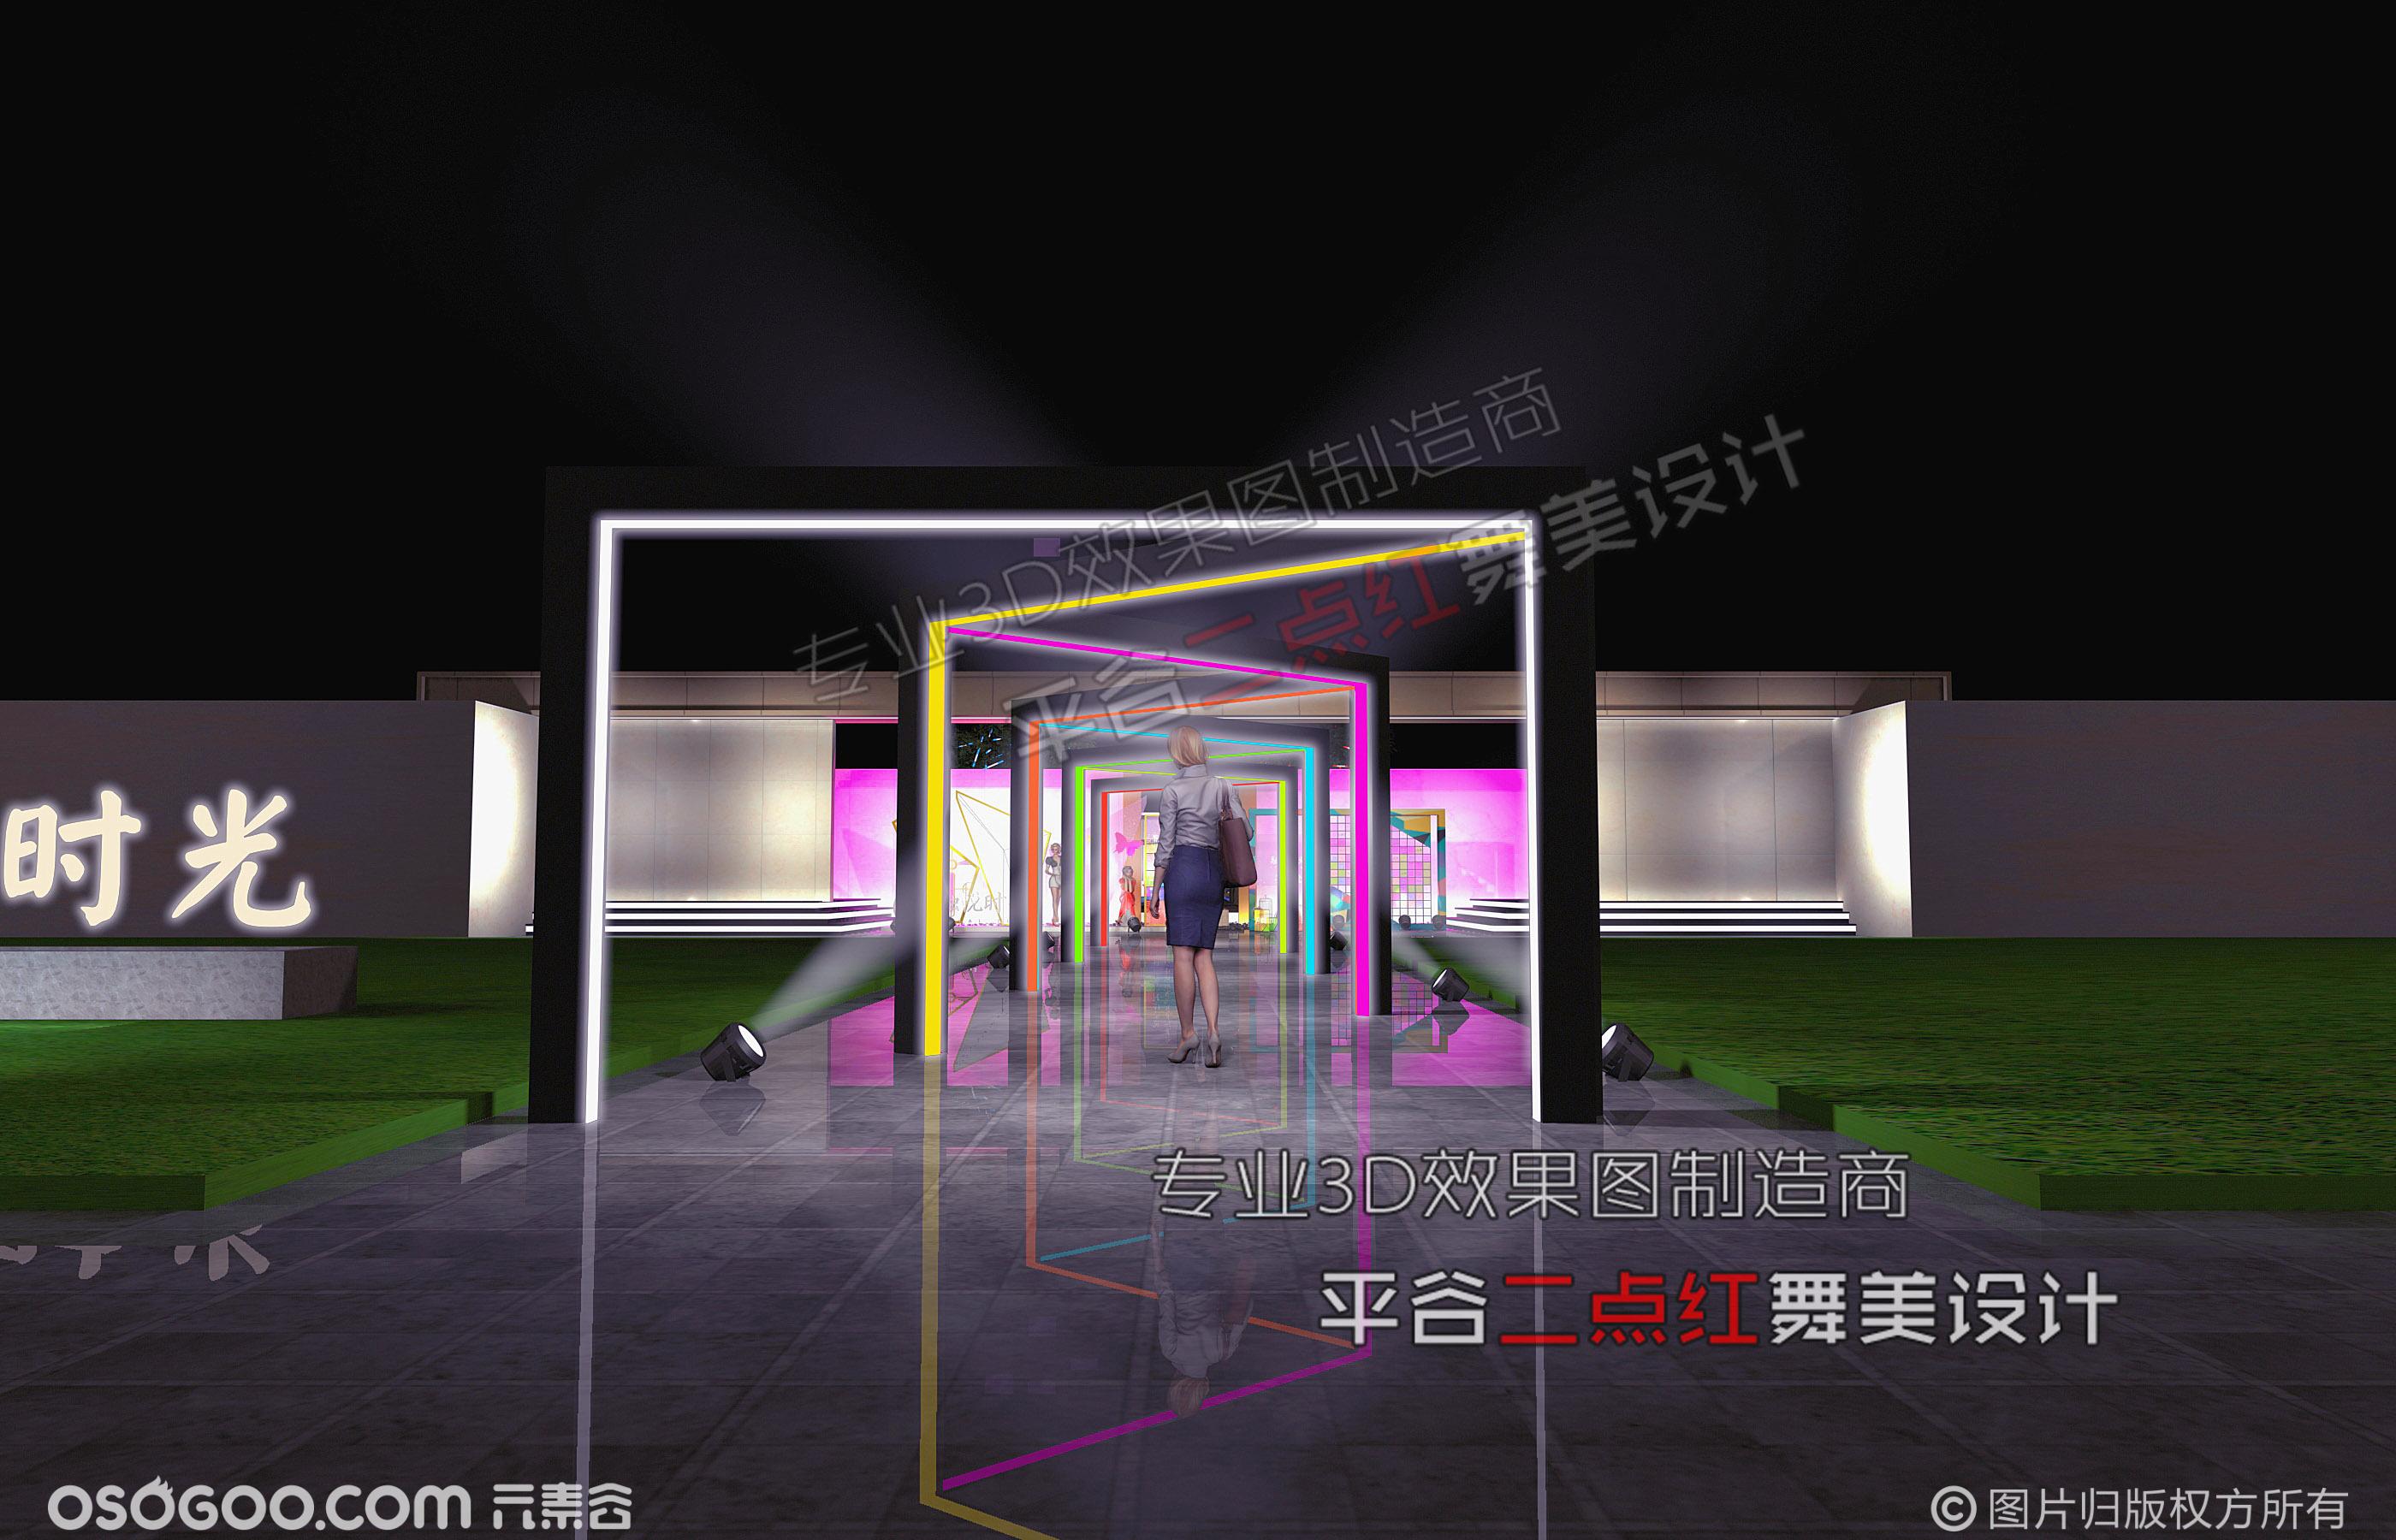 地产案场发布会现场氛围布置,包含了门头、舞美、签到、合影打卡